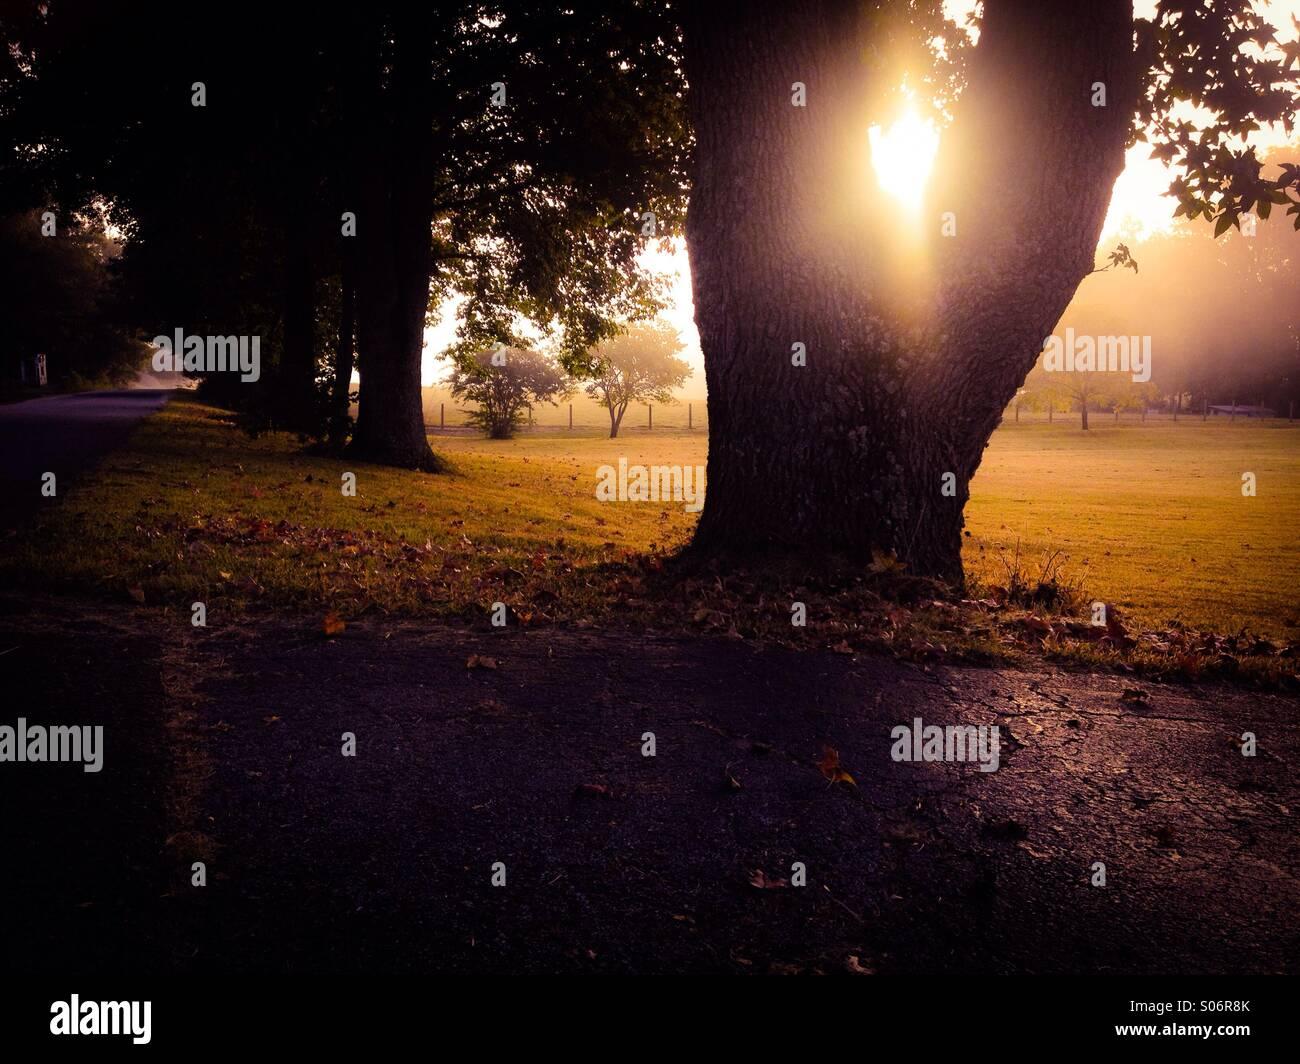 Fall mornings - Stock Image